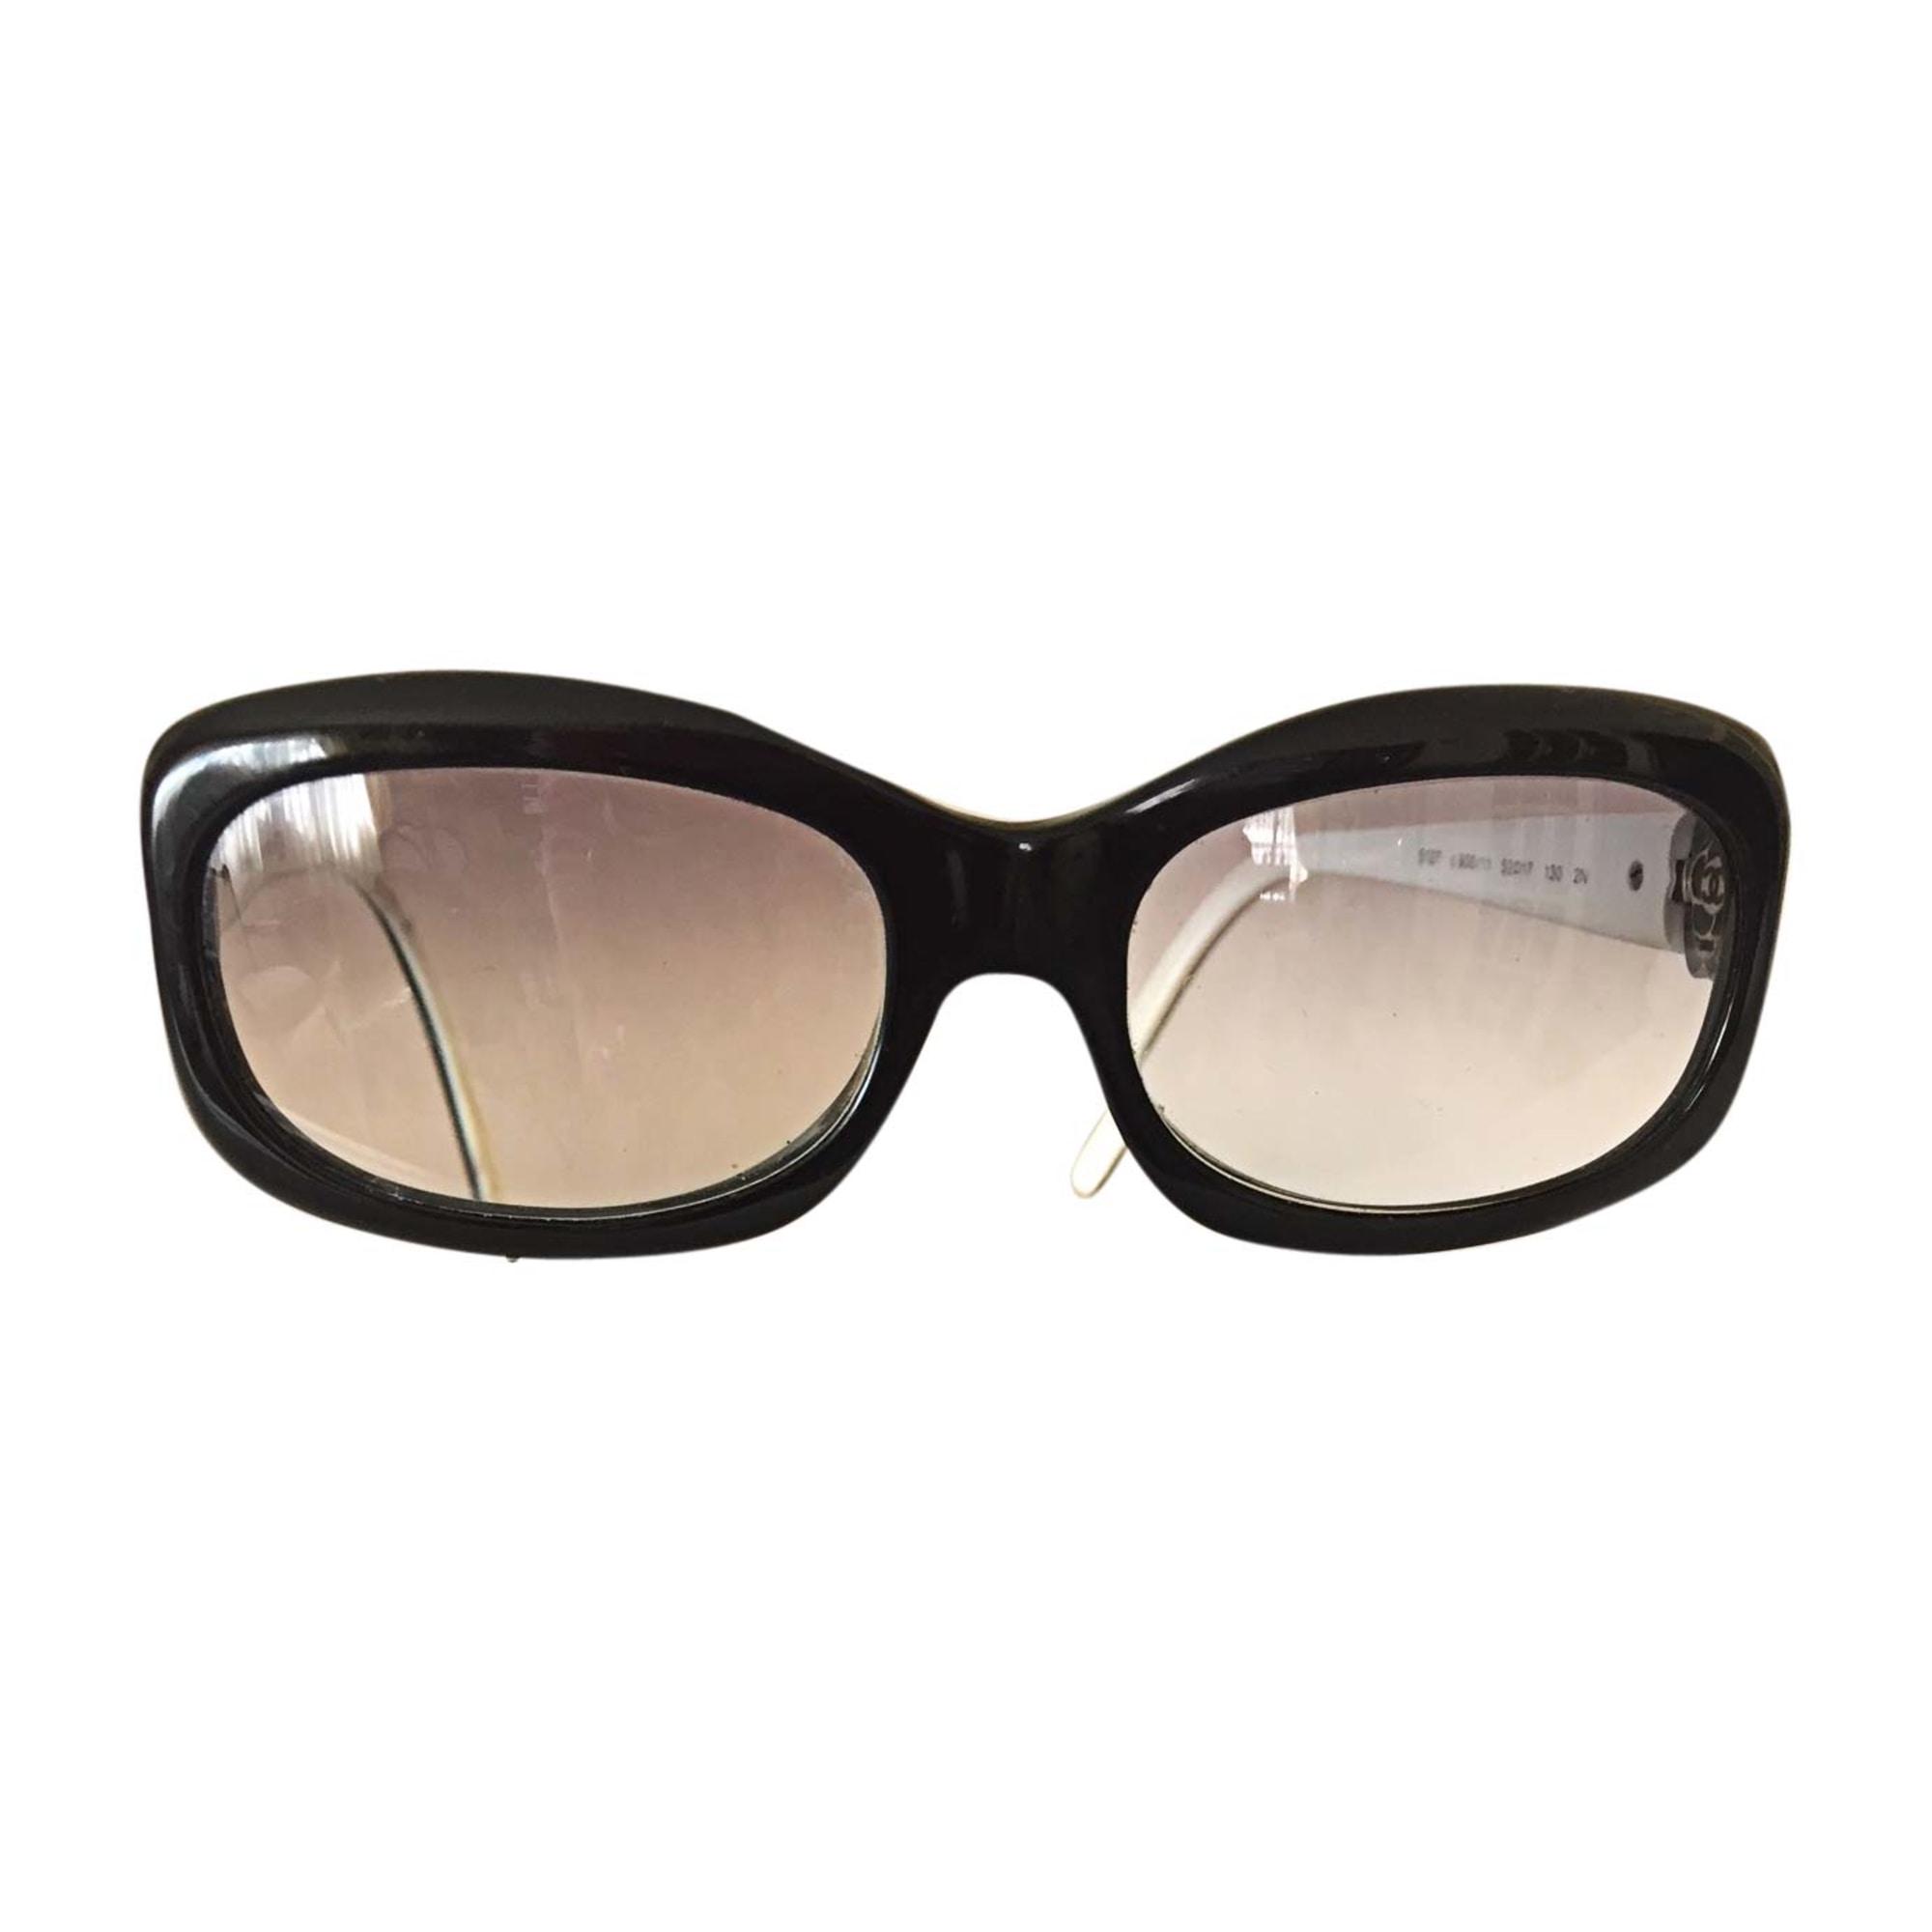 Monture de lunettes CHANEL noir vendu par Flora33 - 7578255 bab0d660d3ee